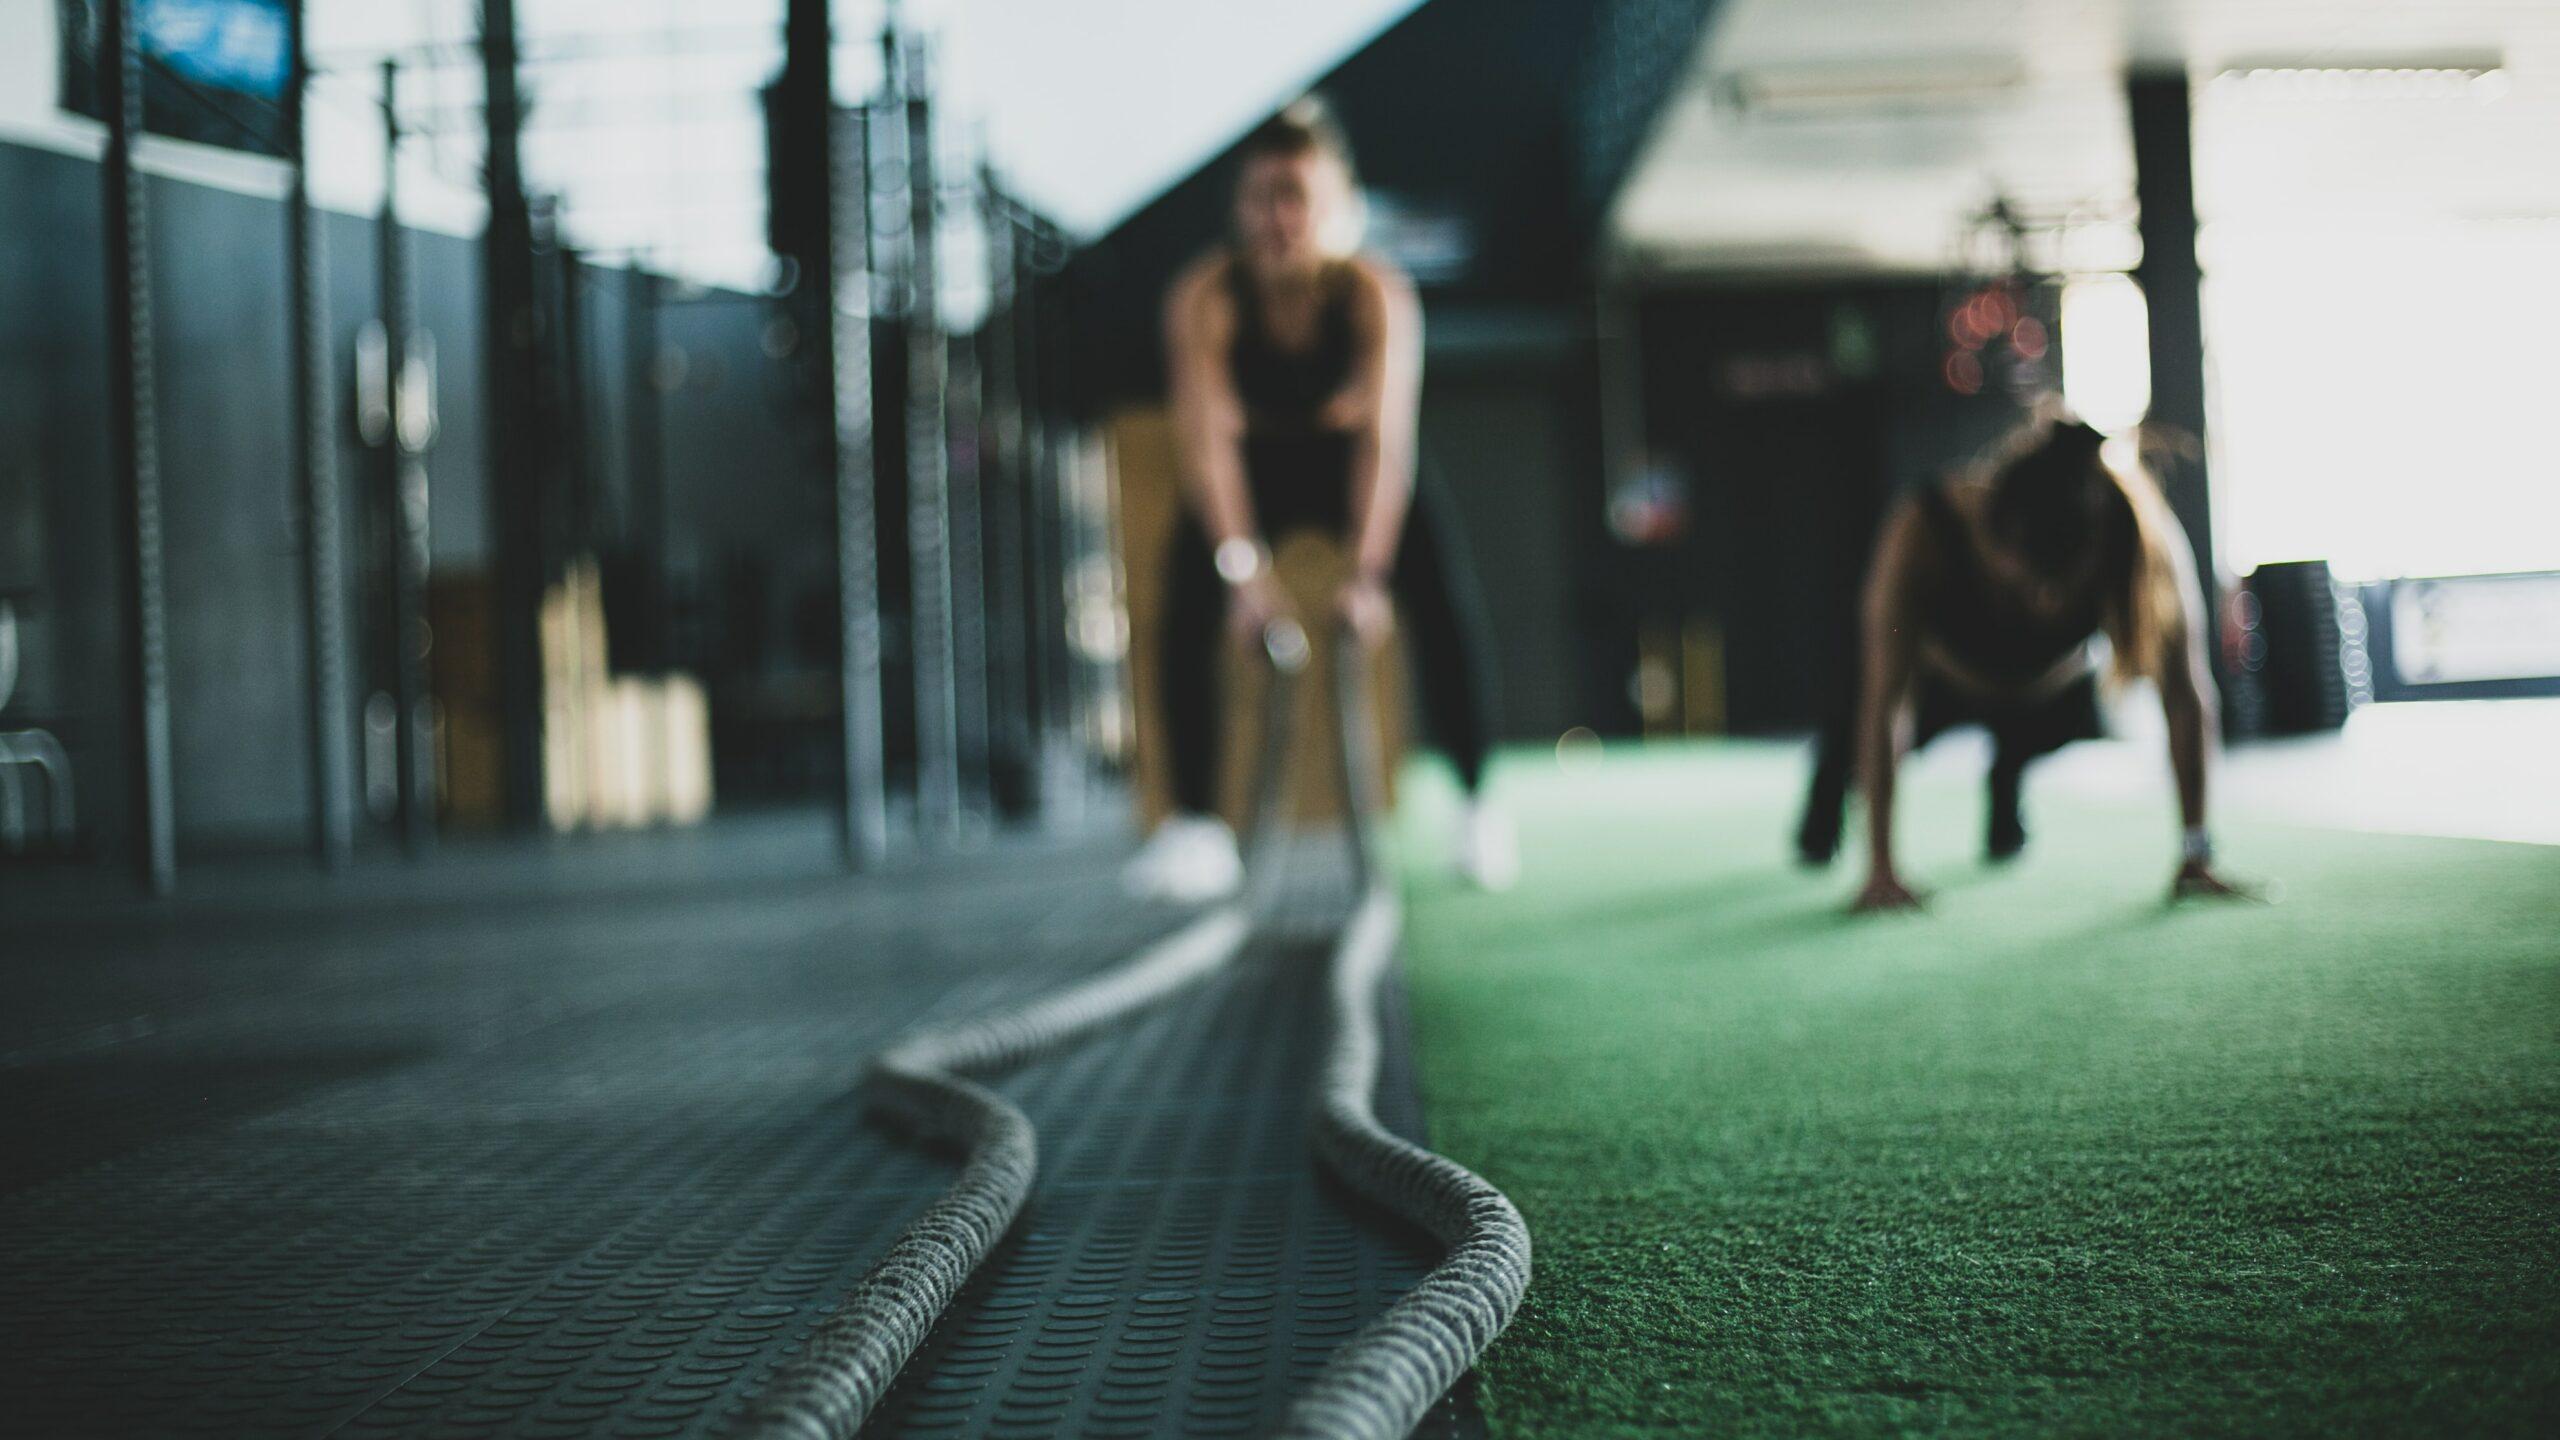 Des séances visant à développer et améliorer vos fonctions cardio-vasculaires. L'enchaînement des exercices vous permettra également de solliciter l'ensemble de vos muscles en fonction du thème de la séance.